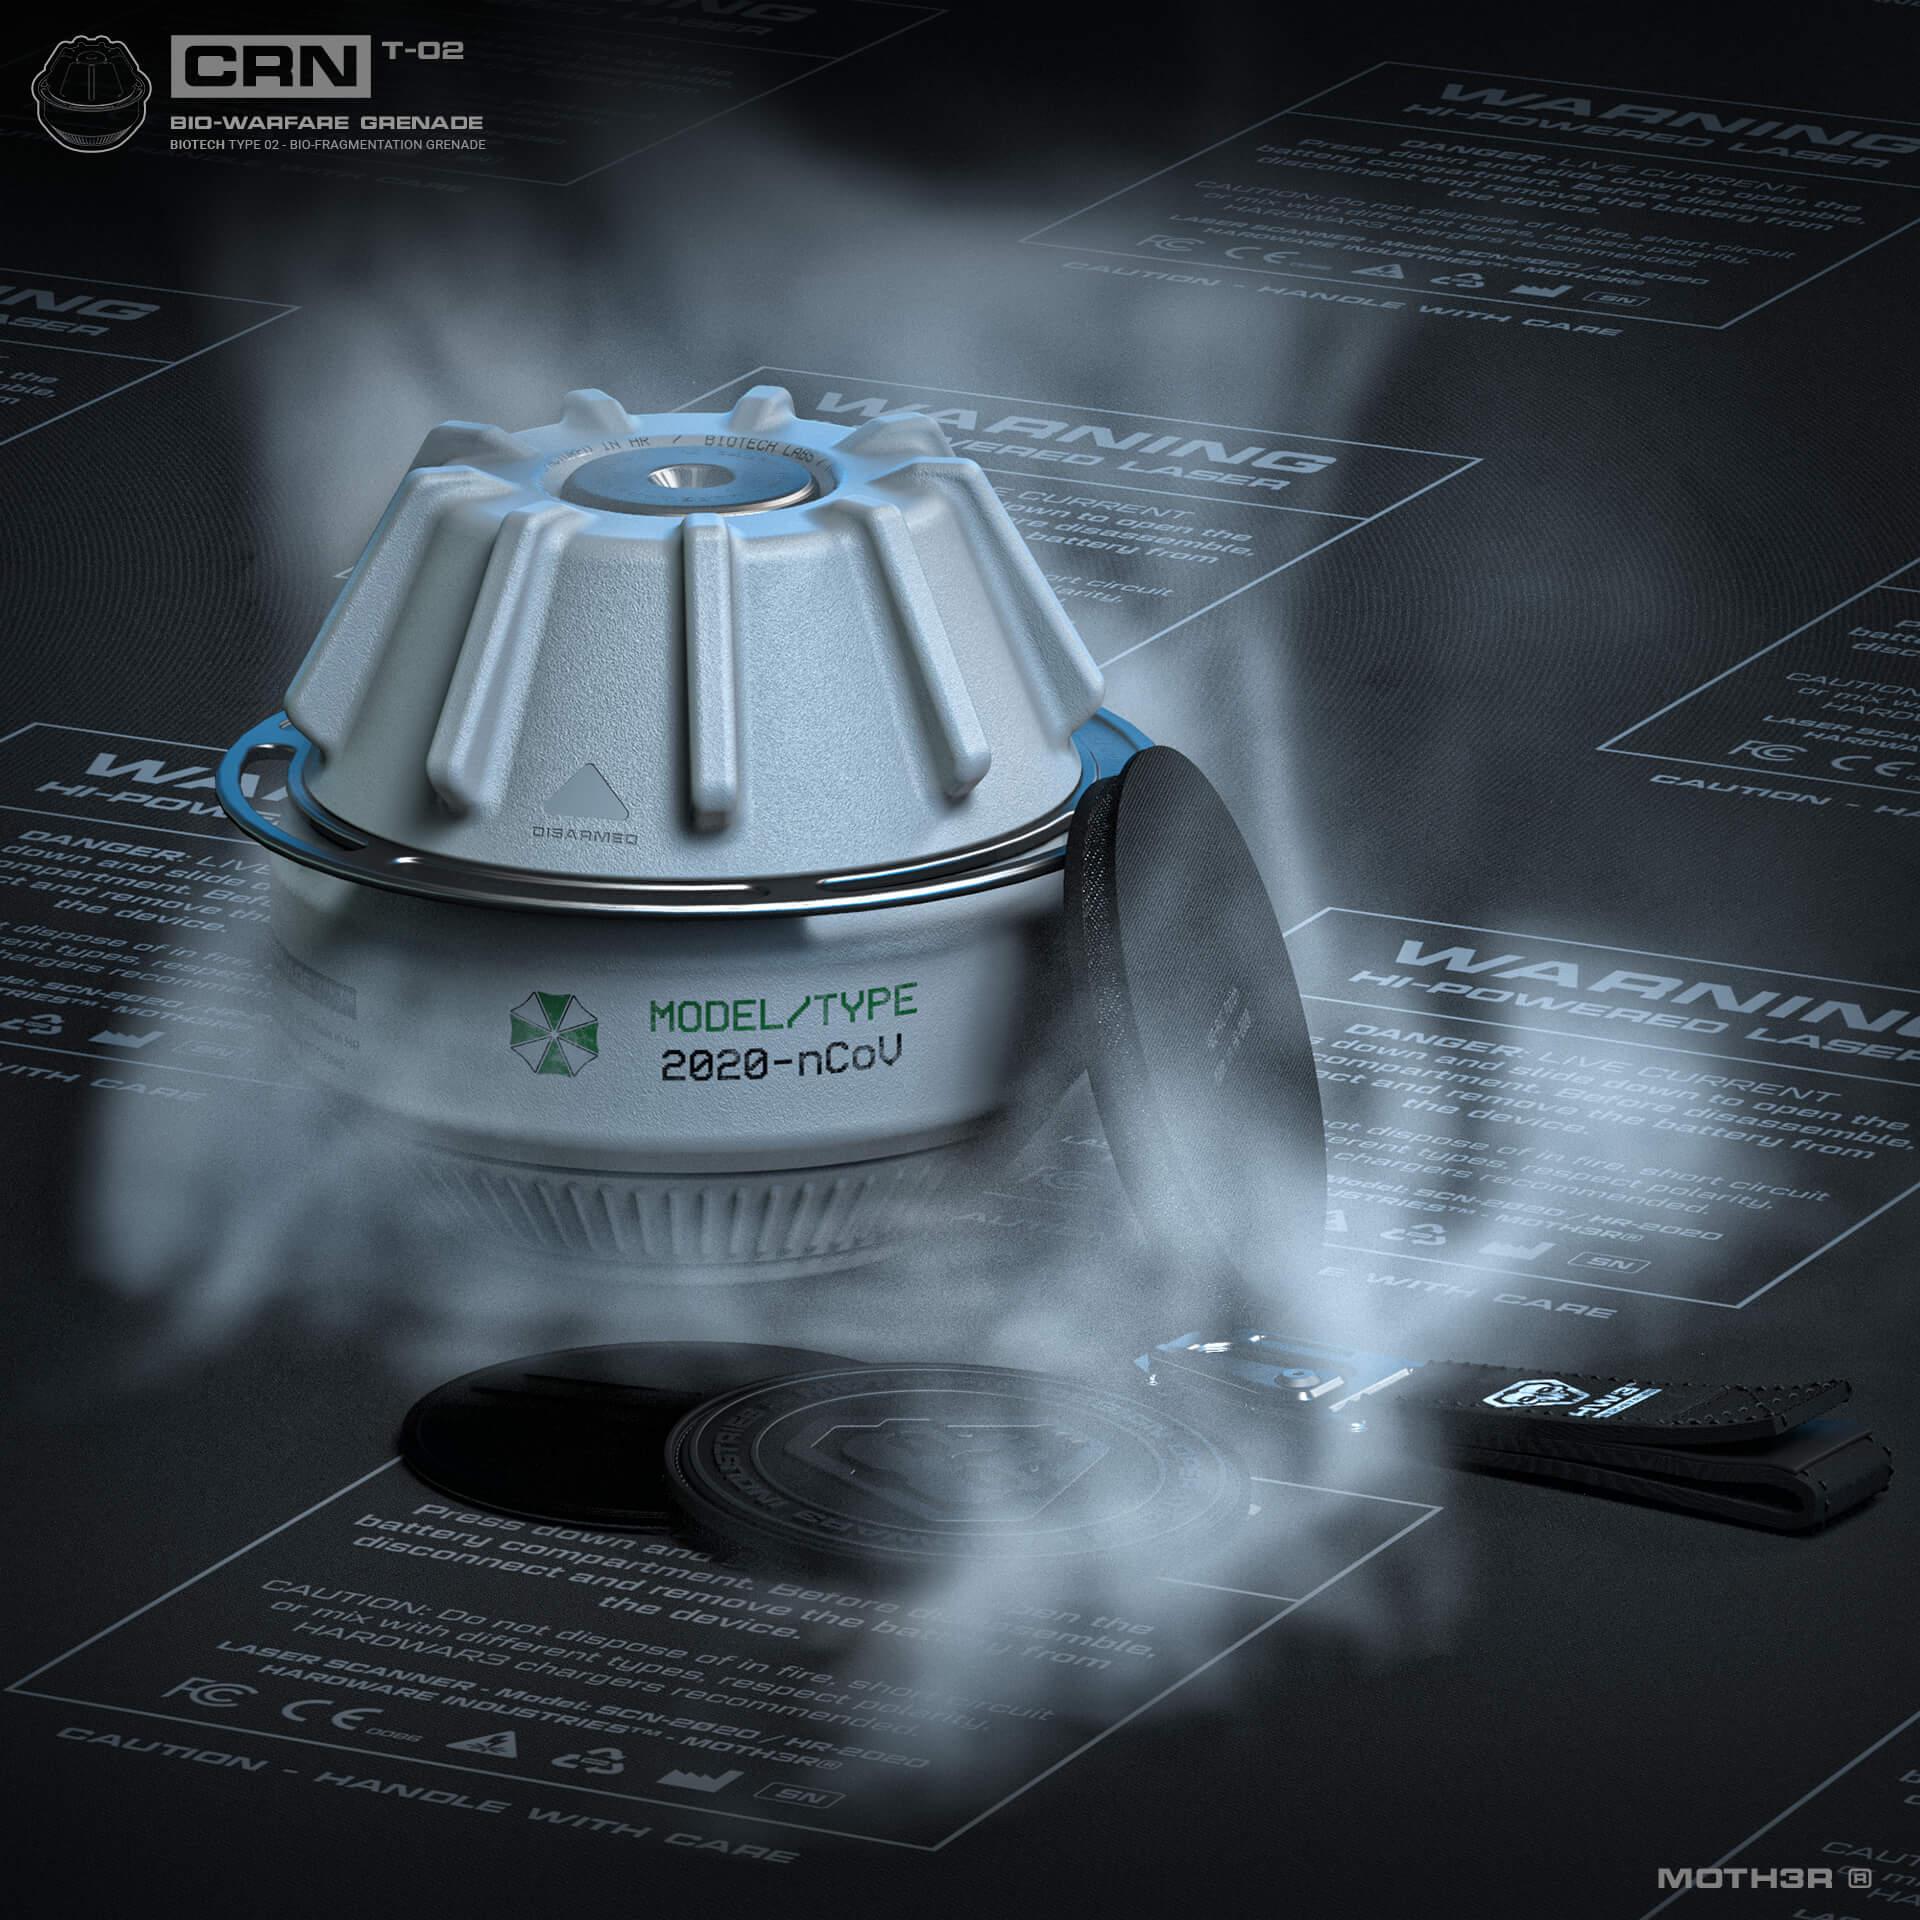 Scanner-001.133